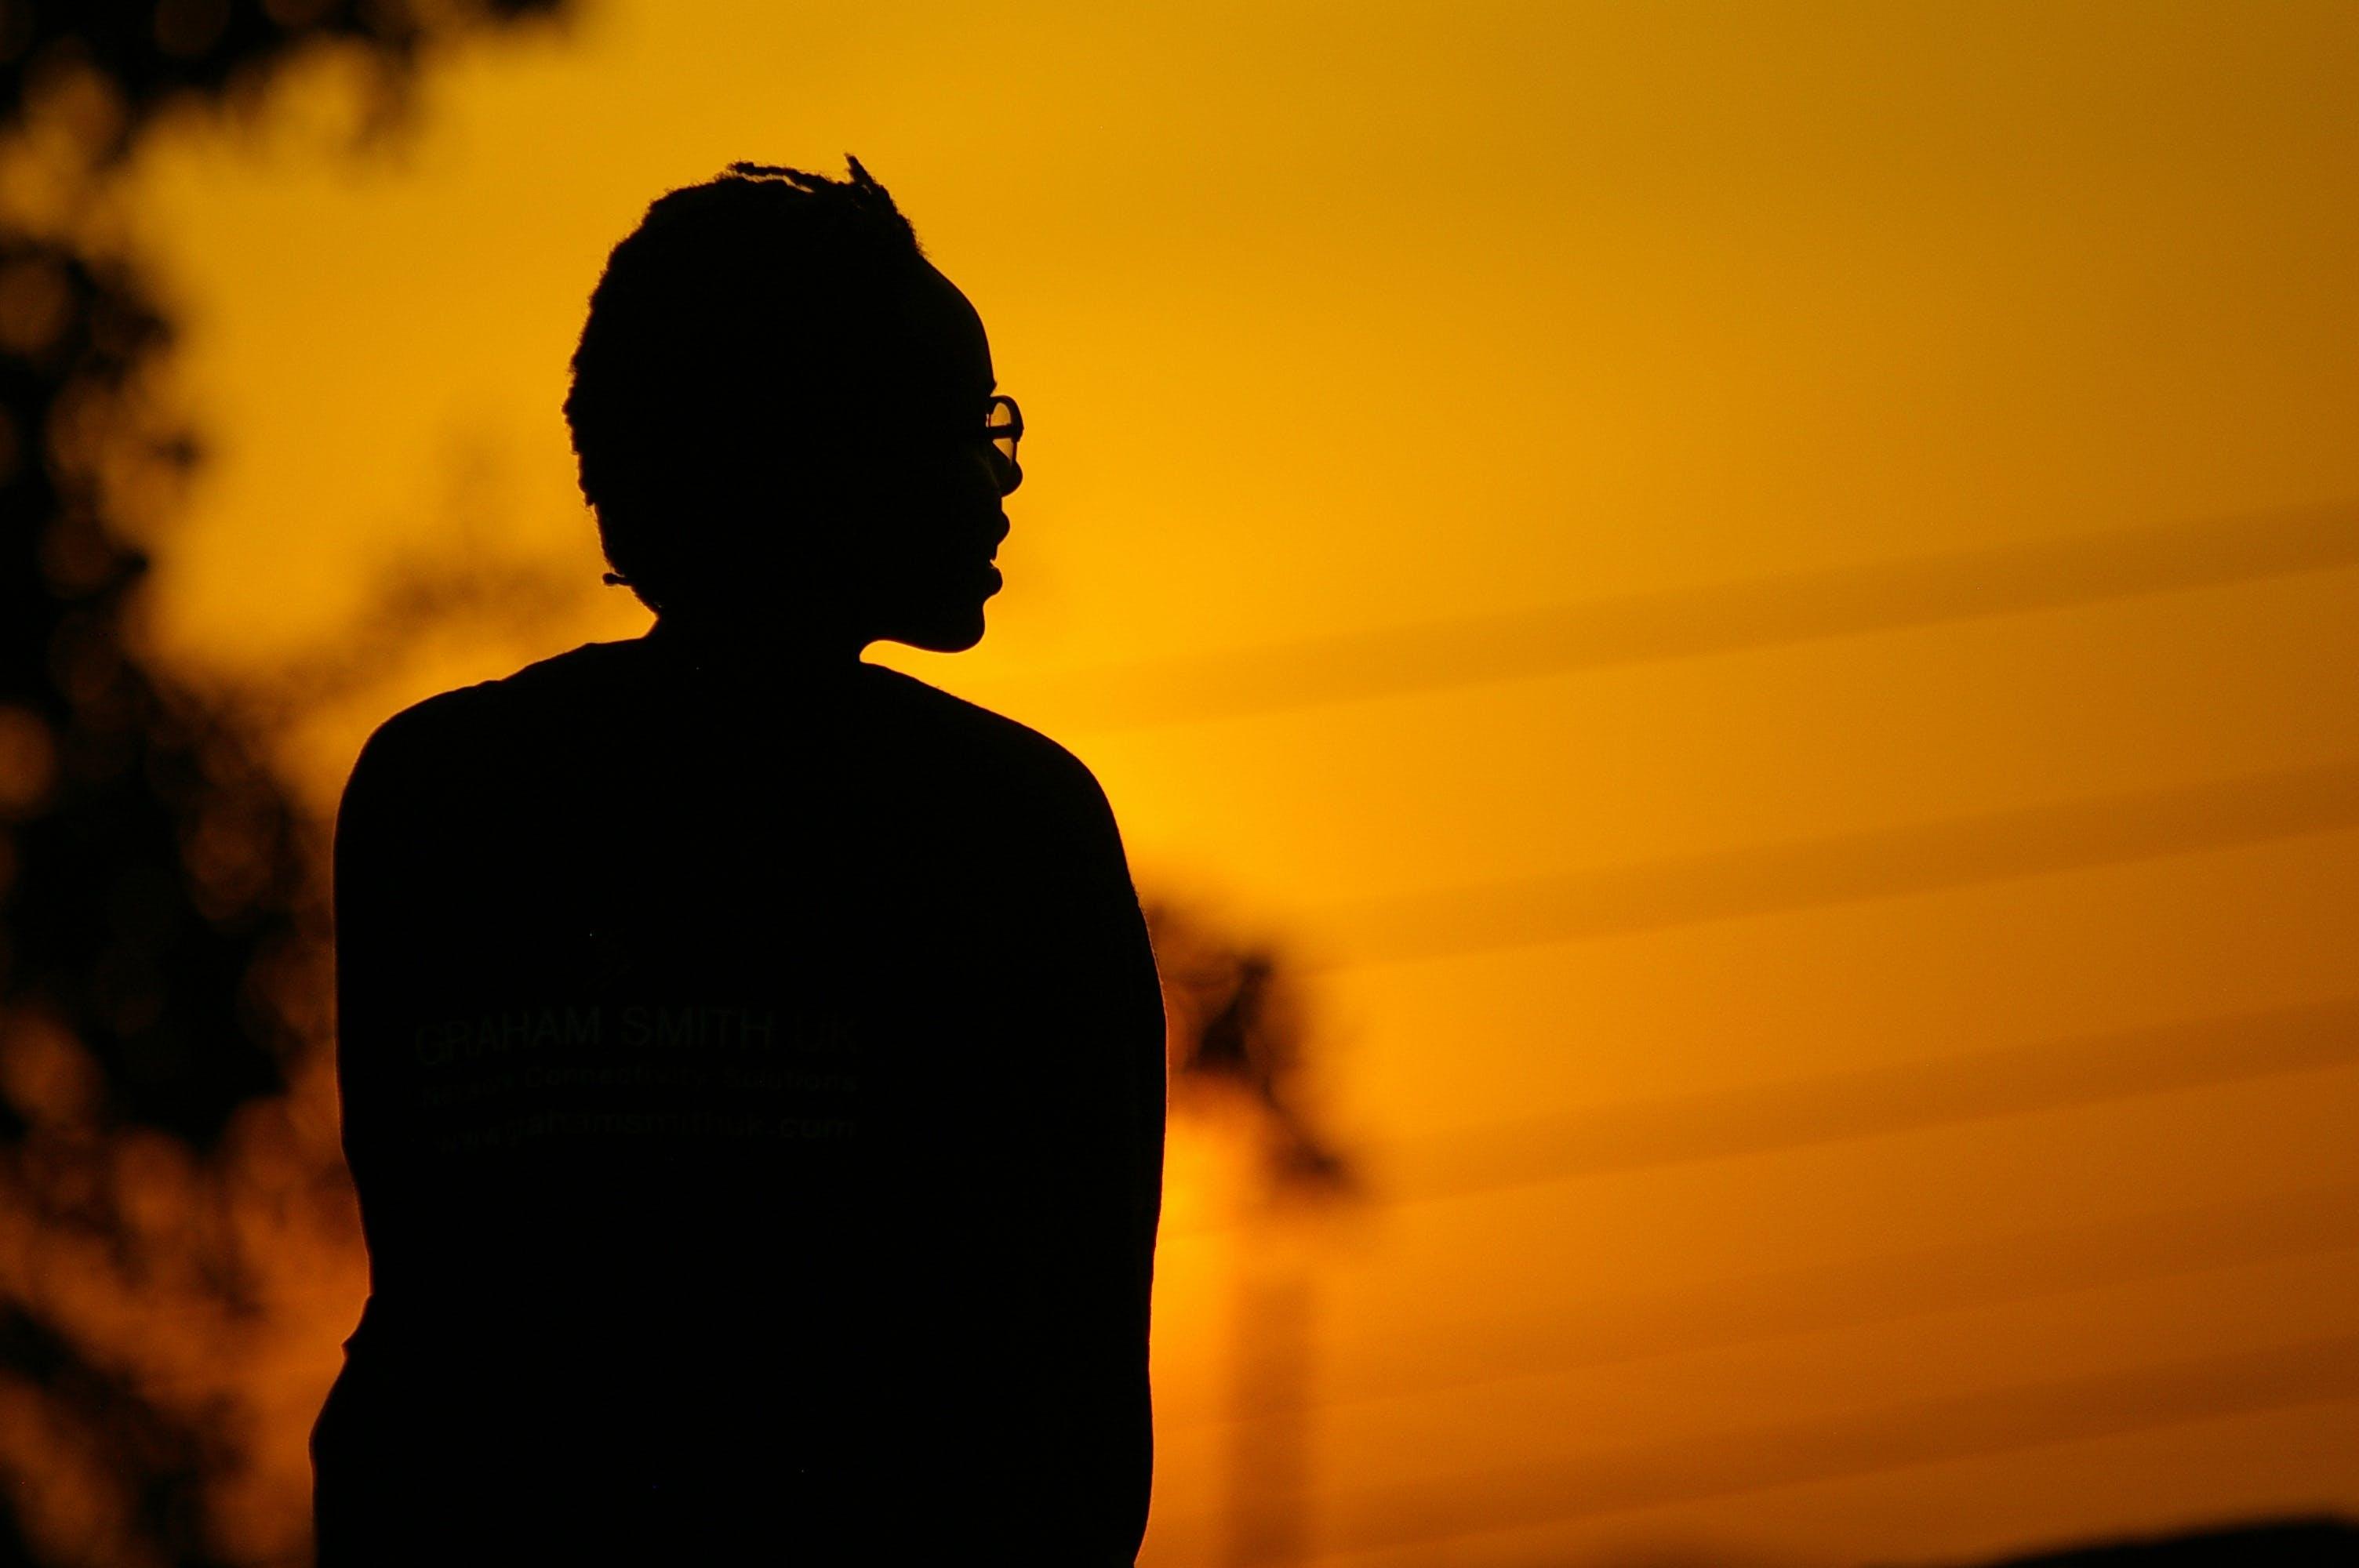 Immagine gratuita di adulto, africa, alba, all'aperto